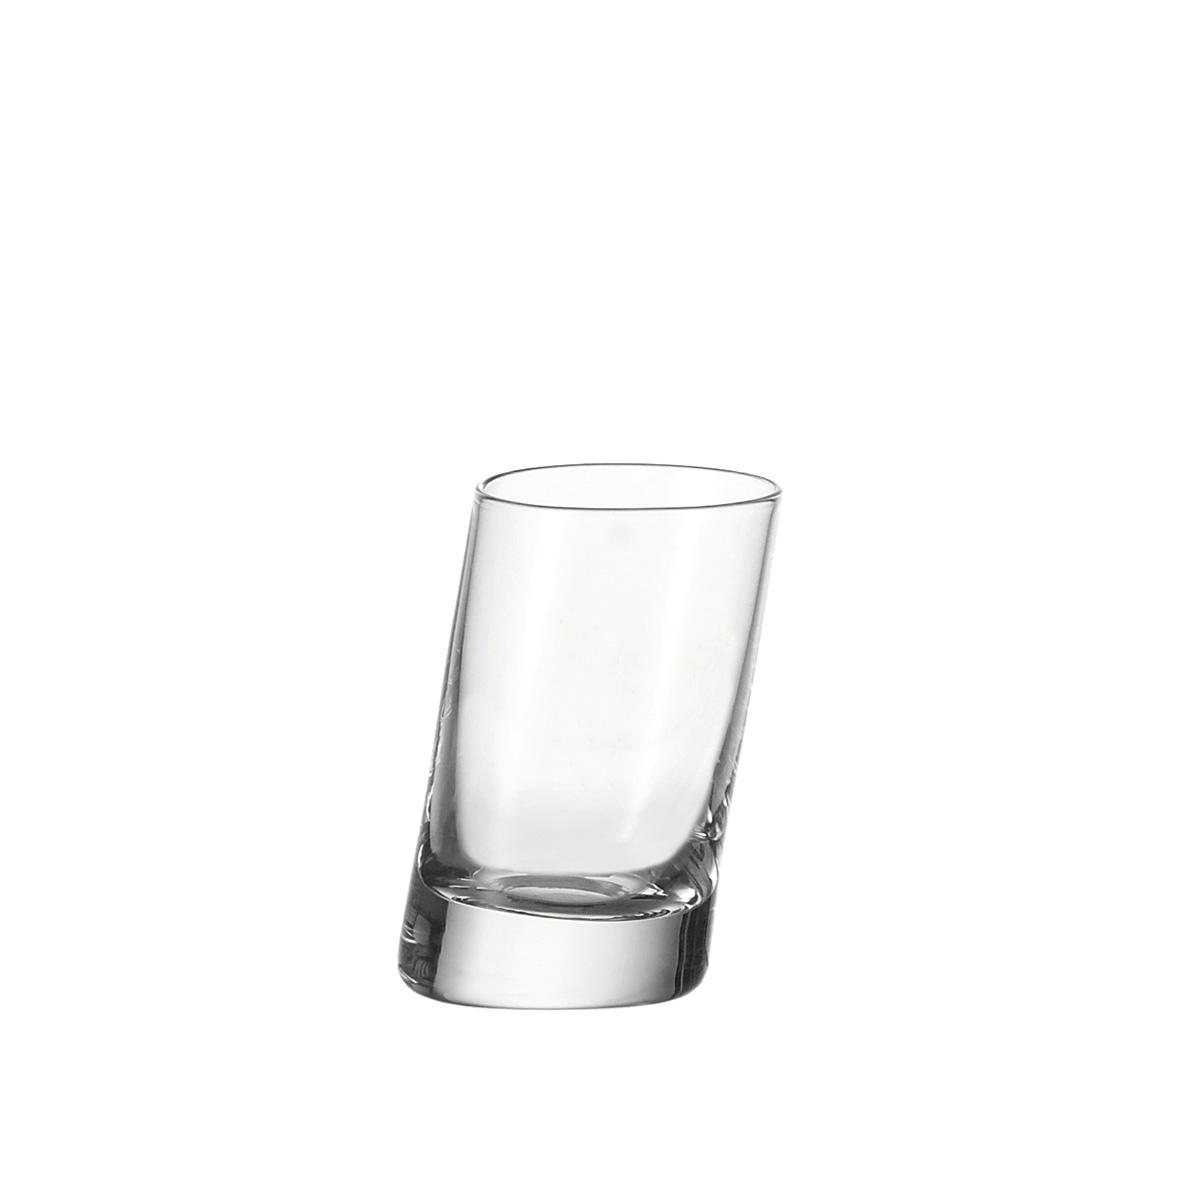 Čaša Pisa za rakiju 63038